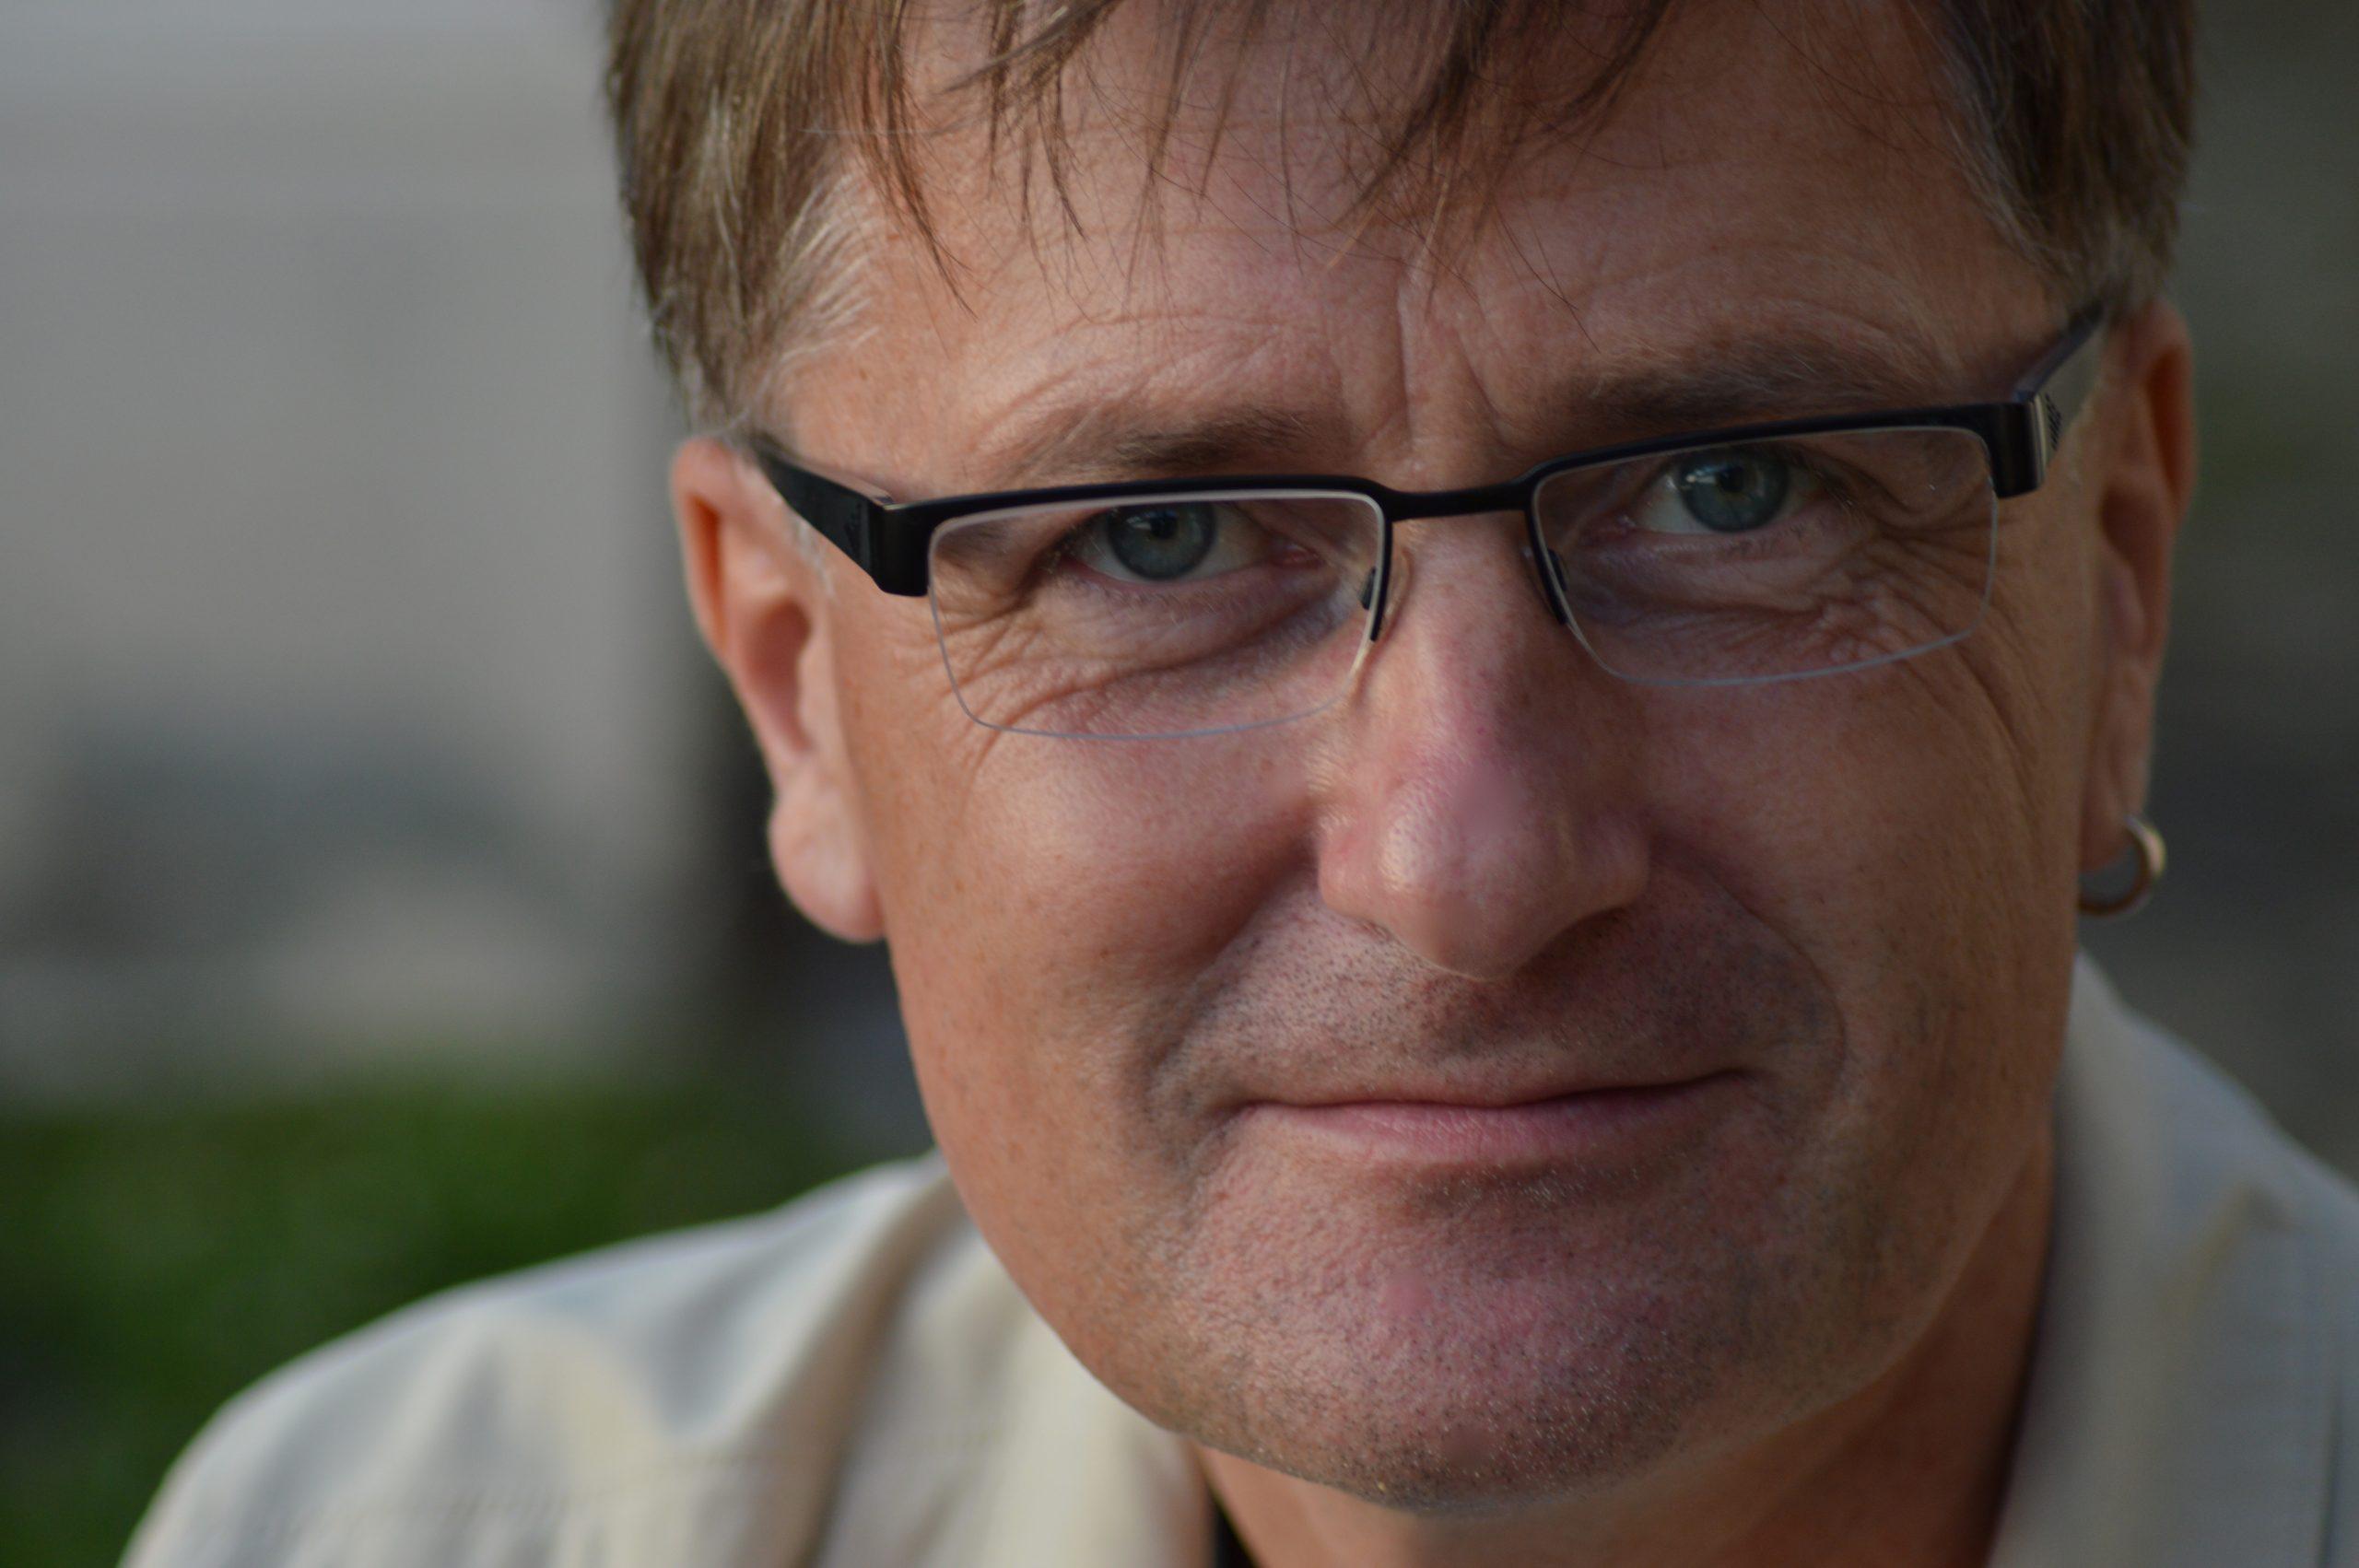 Dr. Joerg Werner